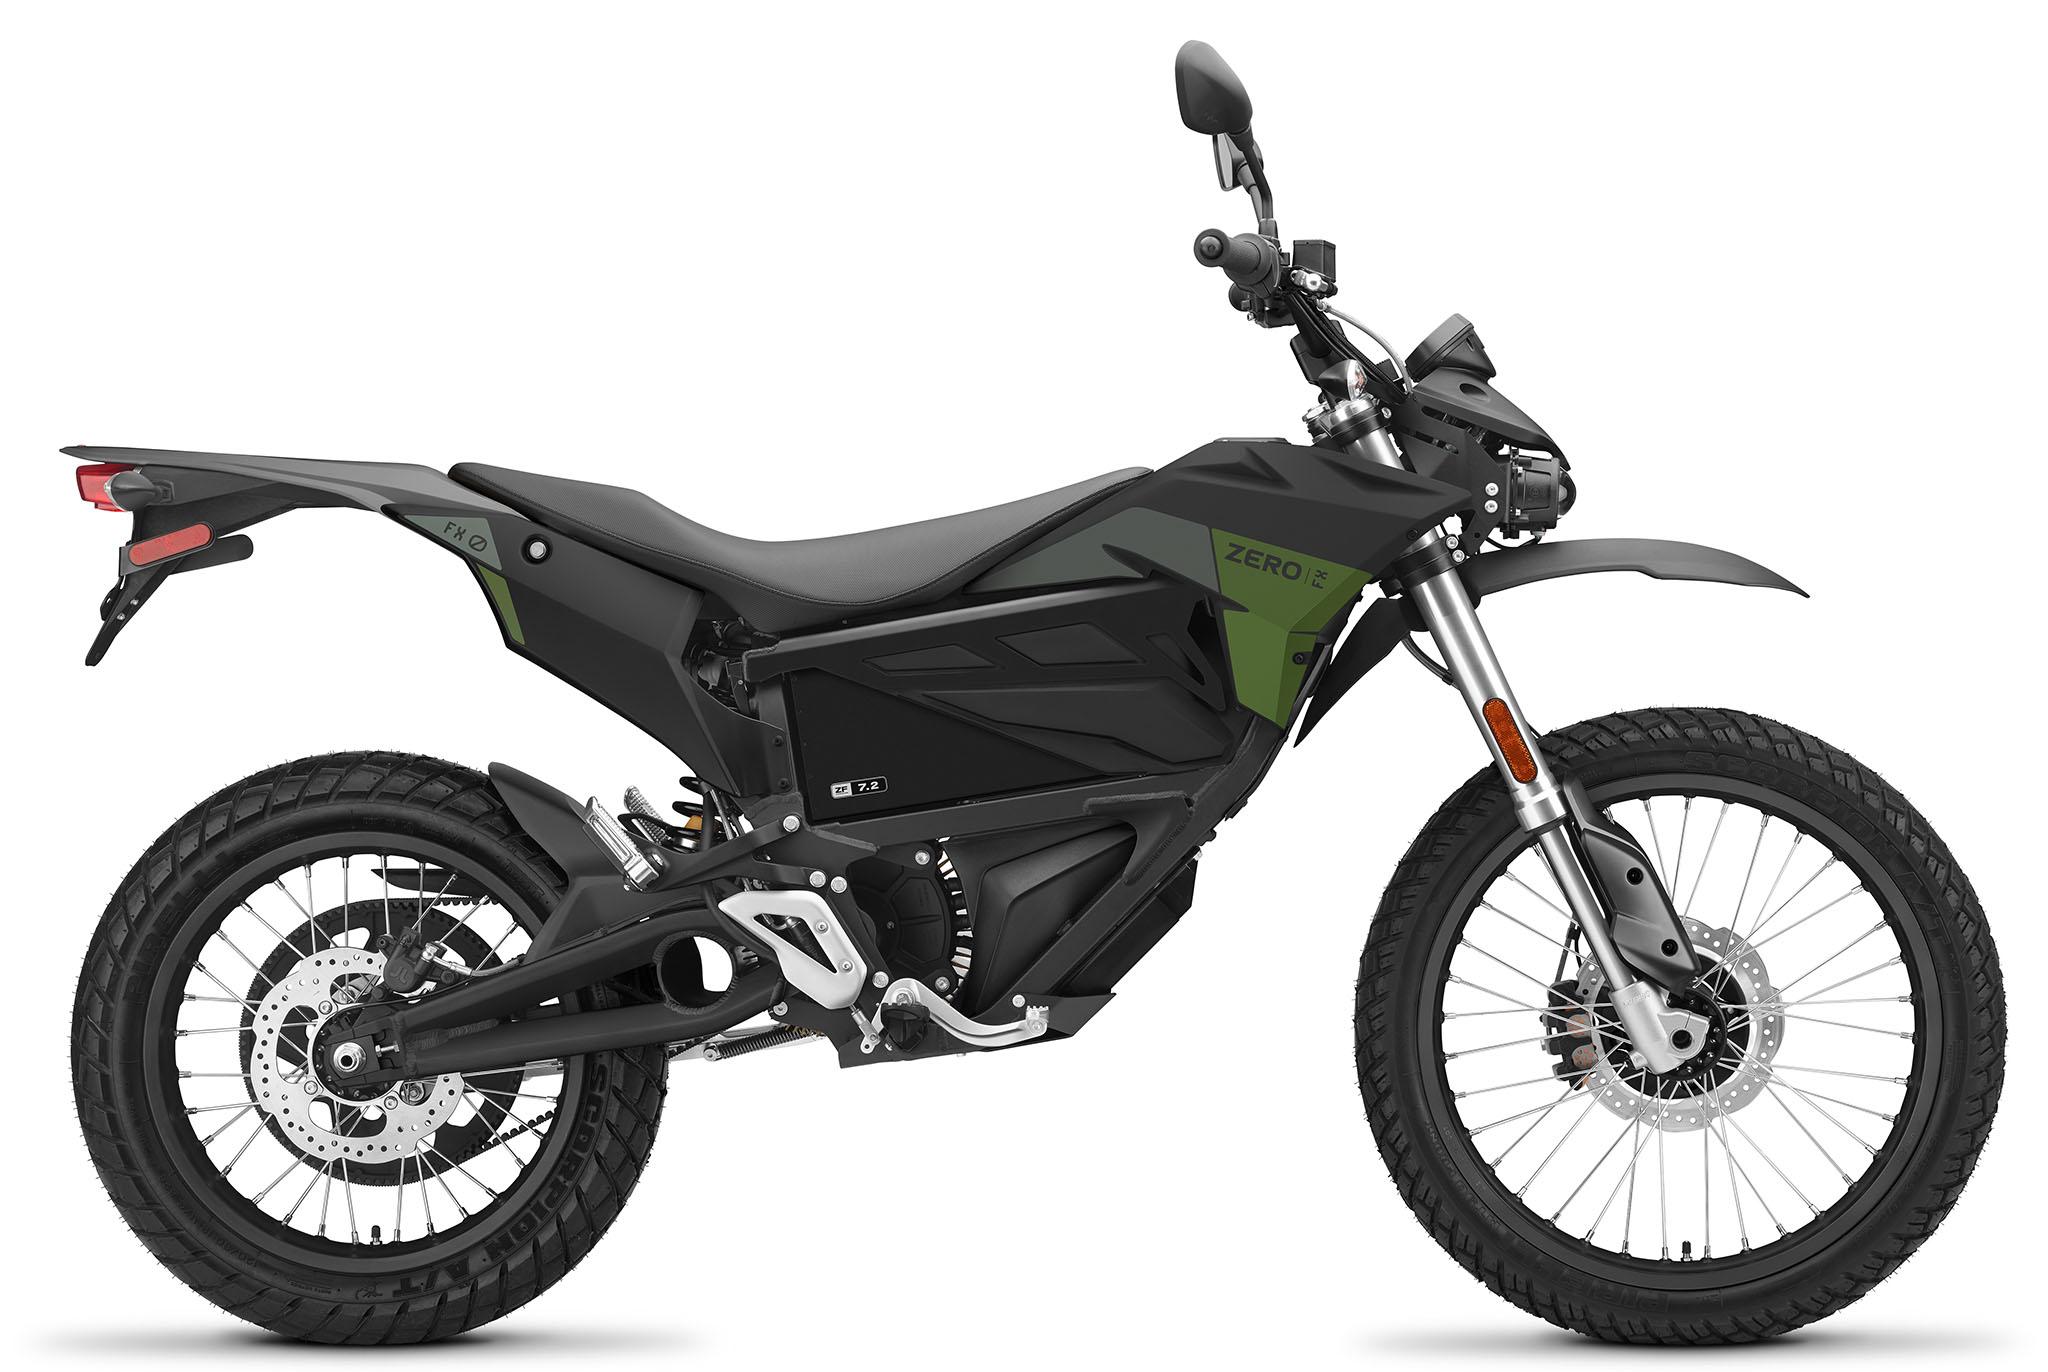 Zero FX ZF7.2 är mörkt grå/grön i 2021 års modell.